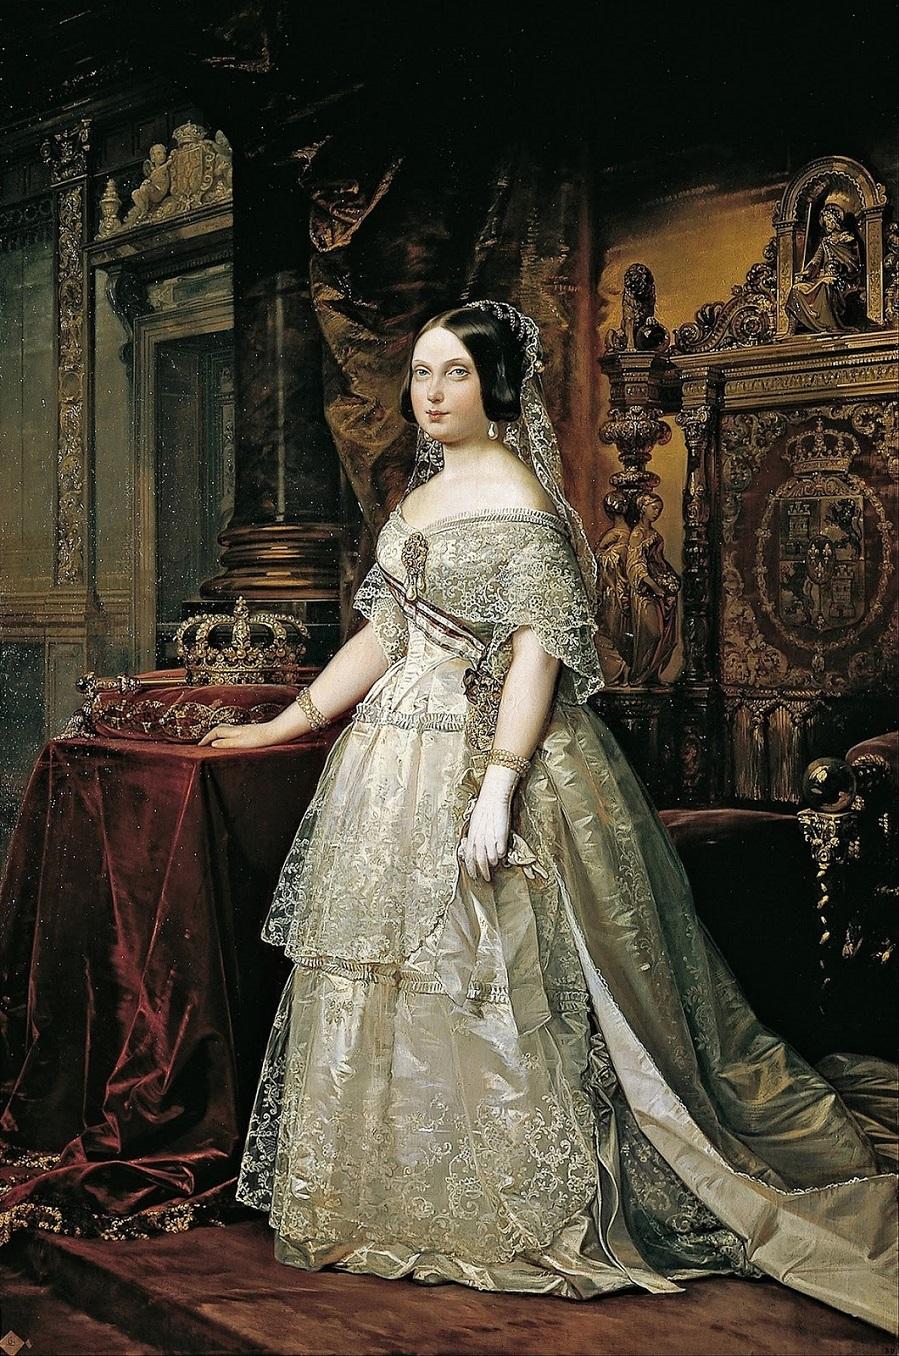 1844_Портрет Изабеллы II (Retrato de Isabel II)_х.,м._Мадрид, Королевская академия изящный искусств Сан-Фернандо.jpg